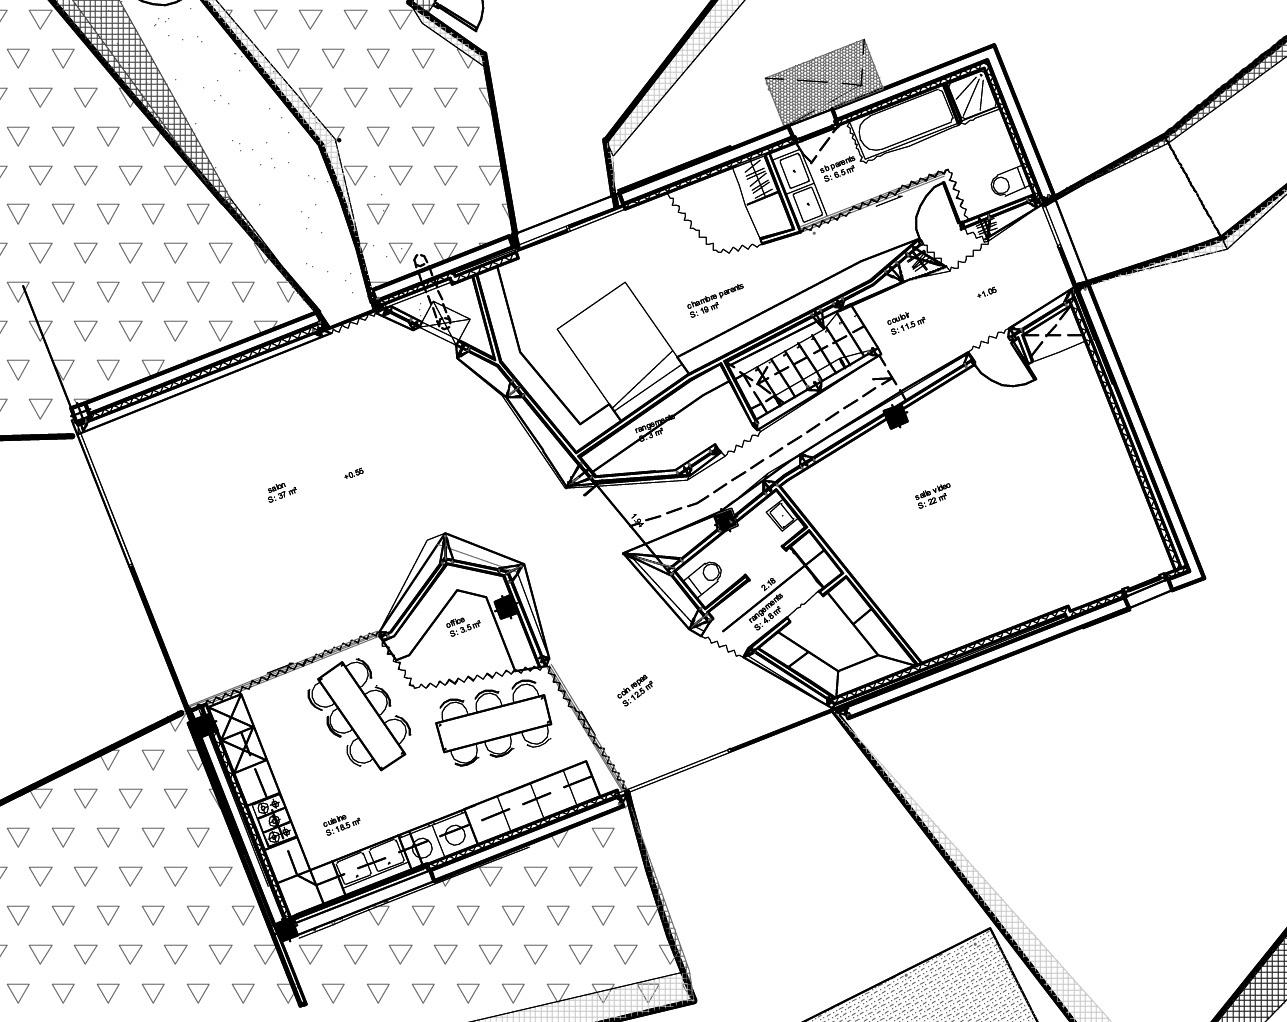 2146499565-spidernethewood3 interior first floor plan